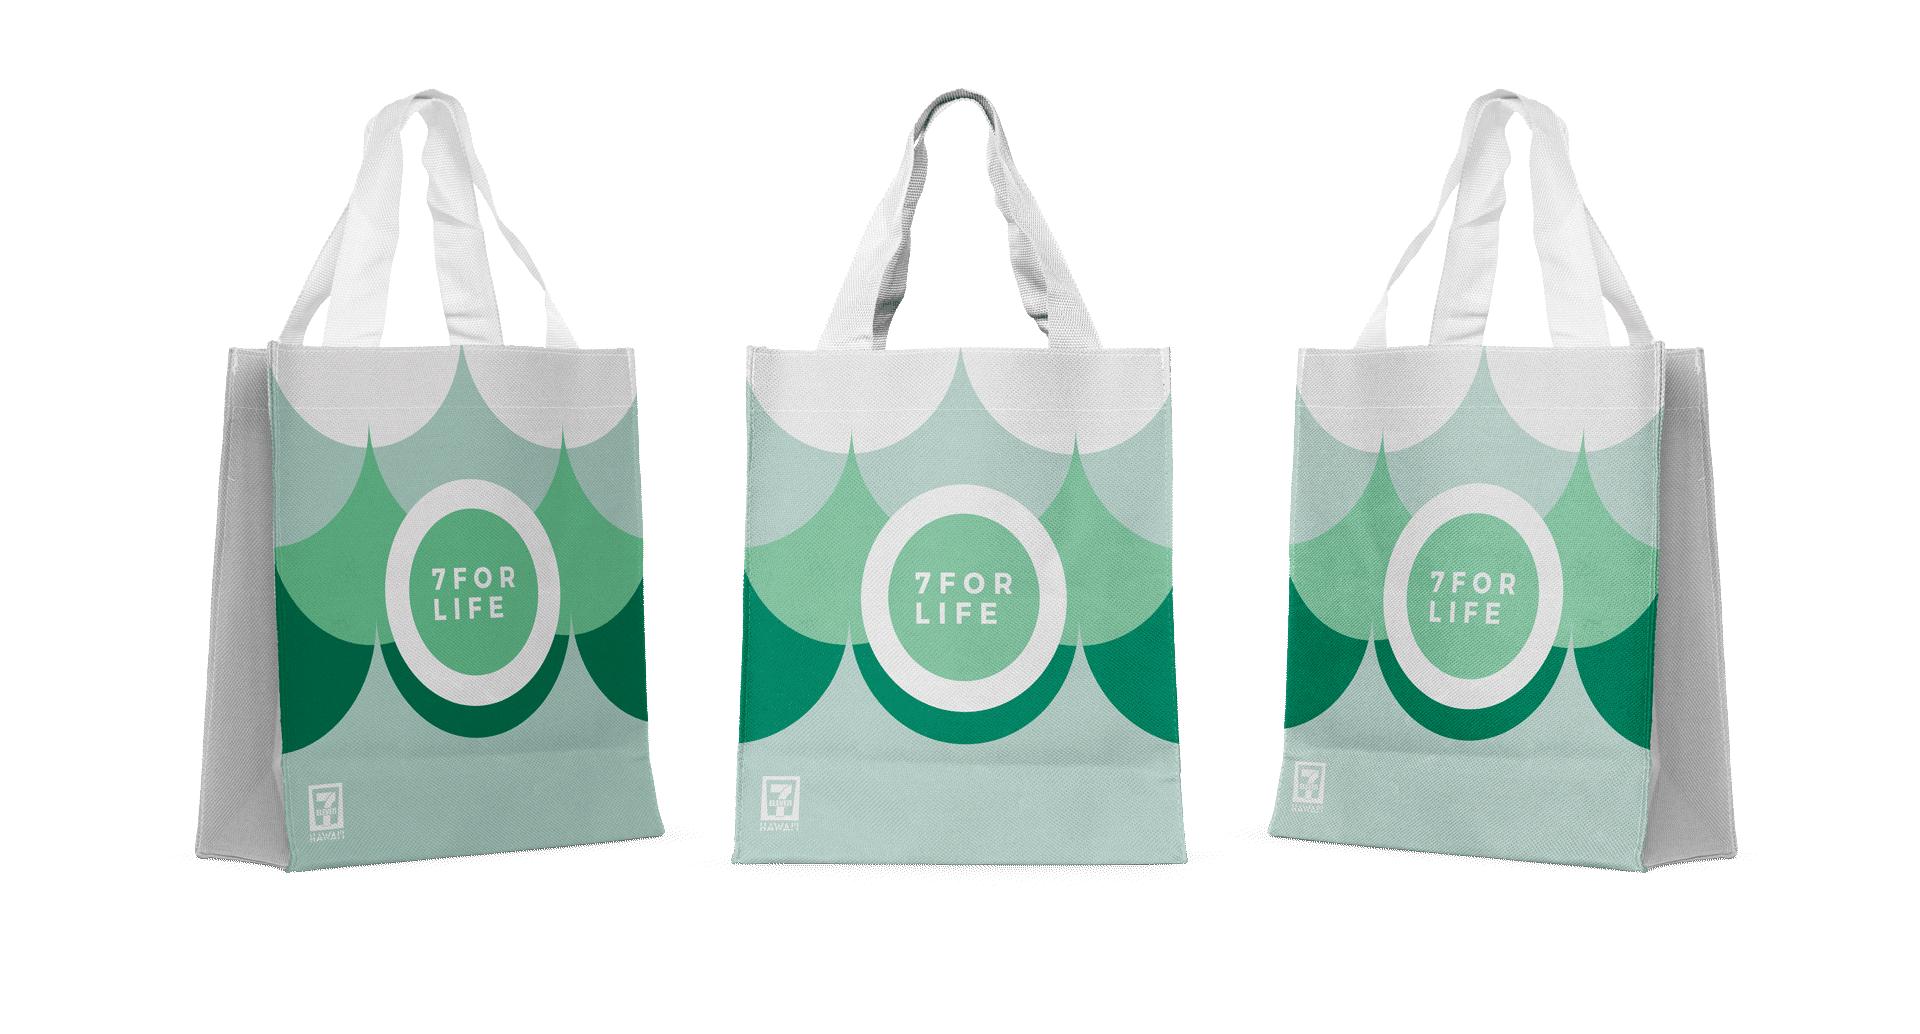 7-Eleven-Bag-Design15.png